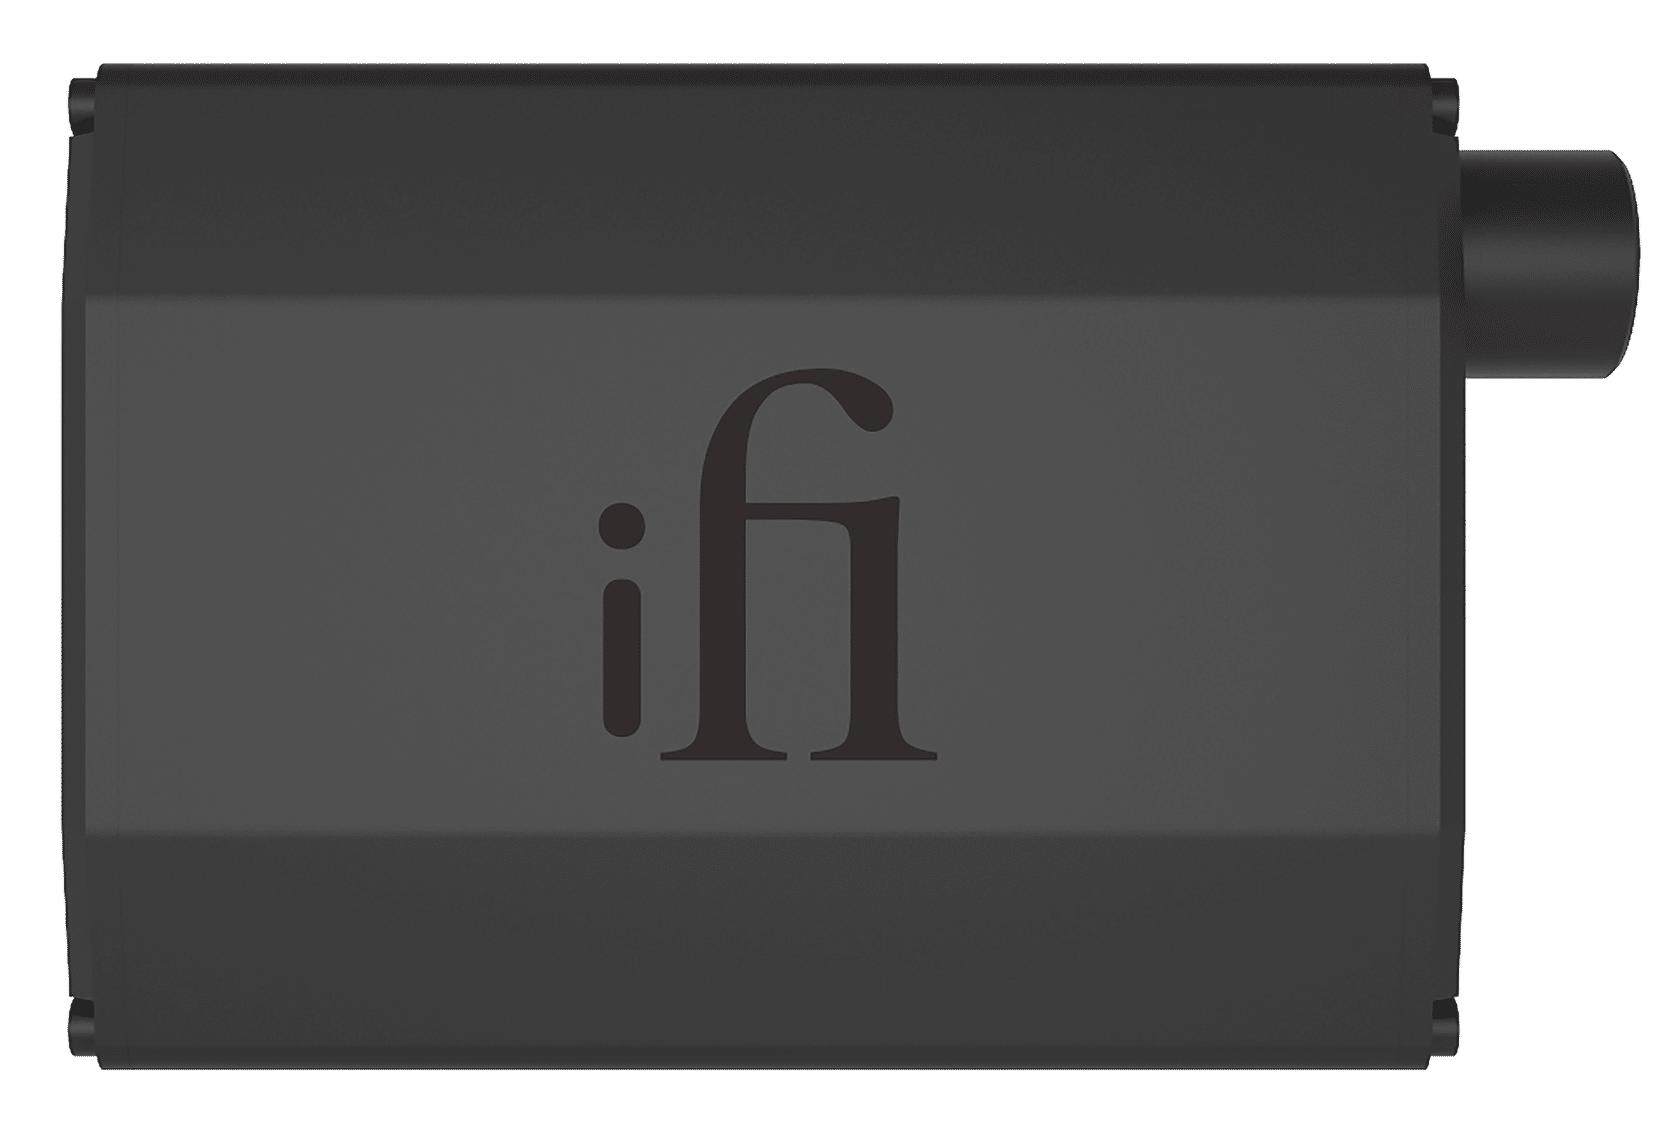 nano iDSD Black Label Head Amp/DAC From iFi